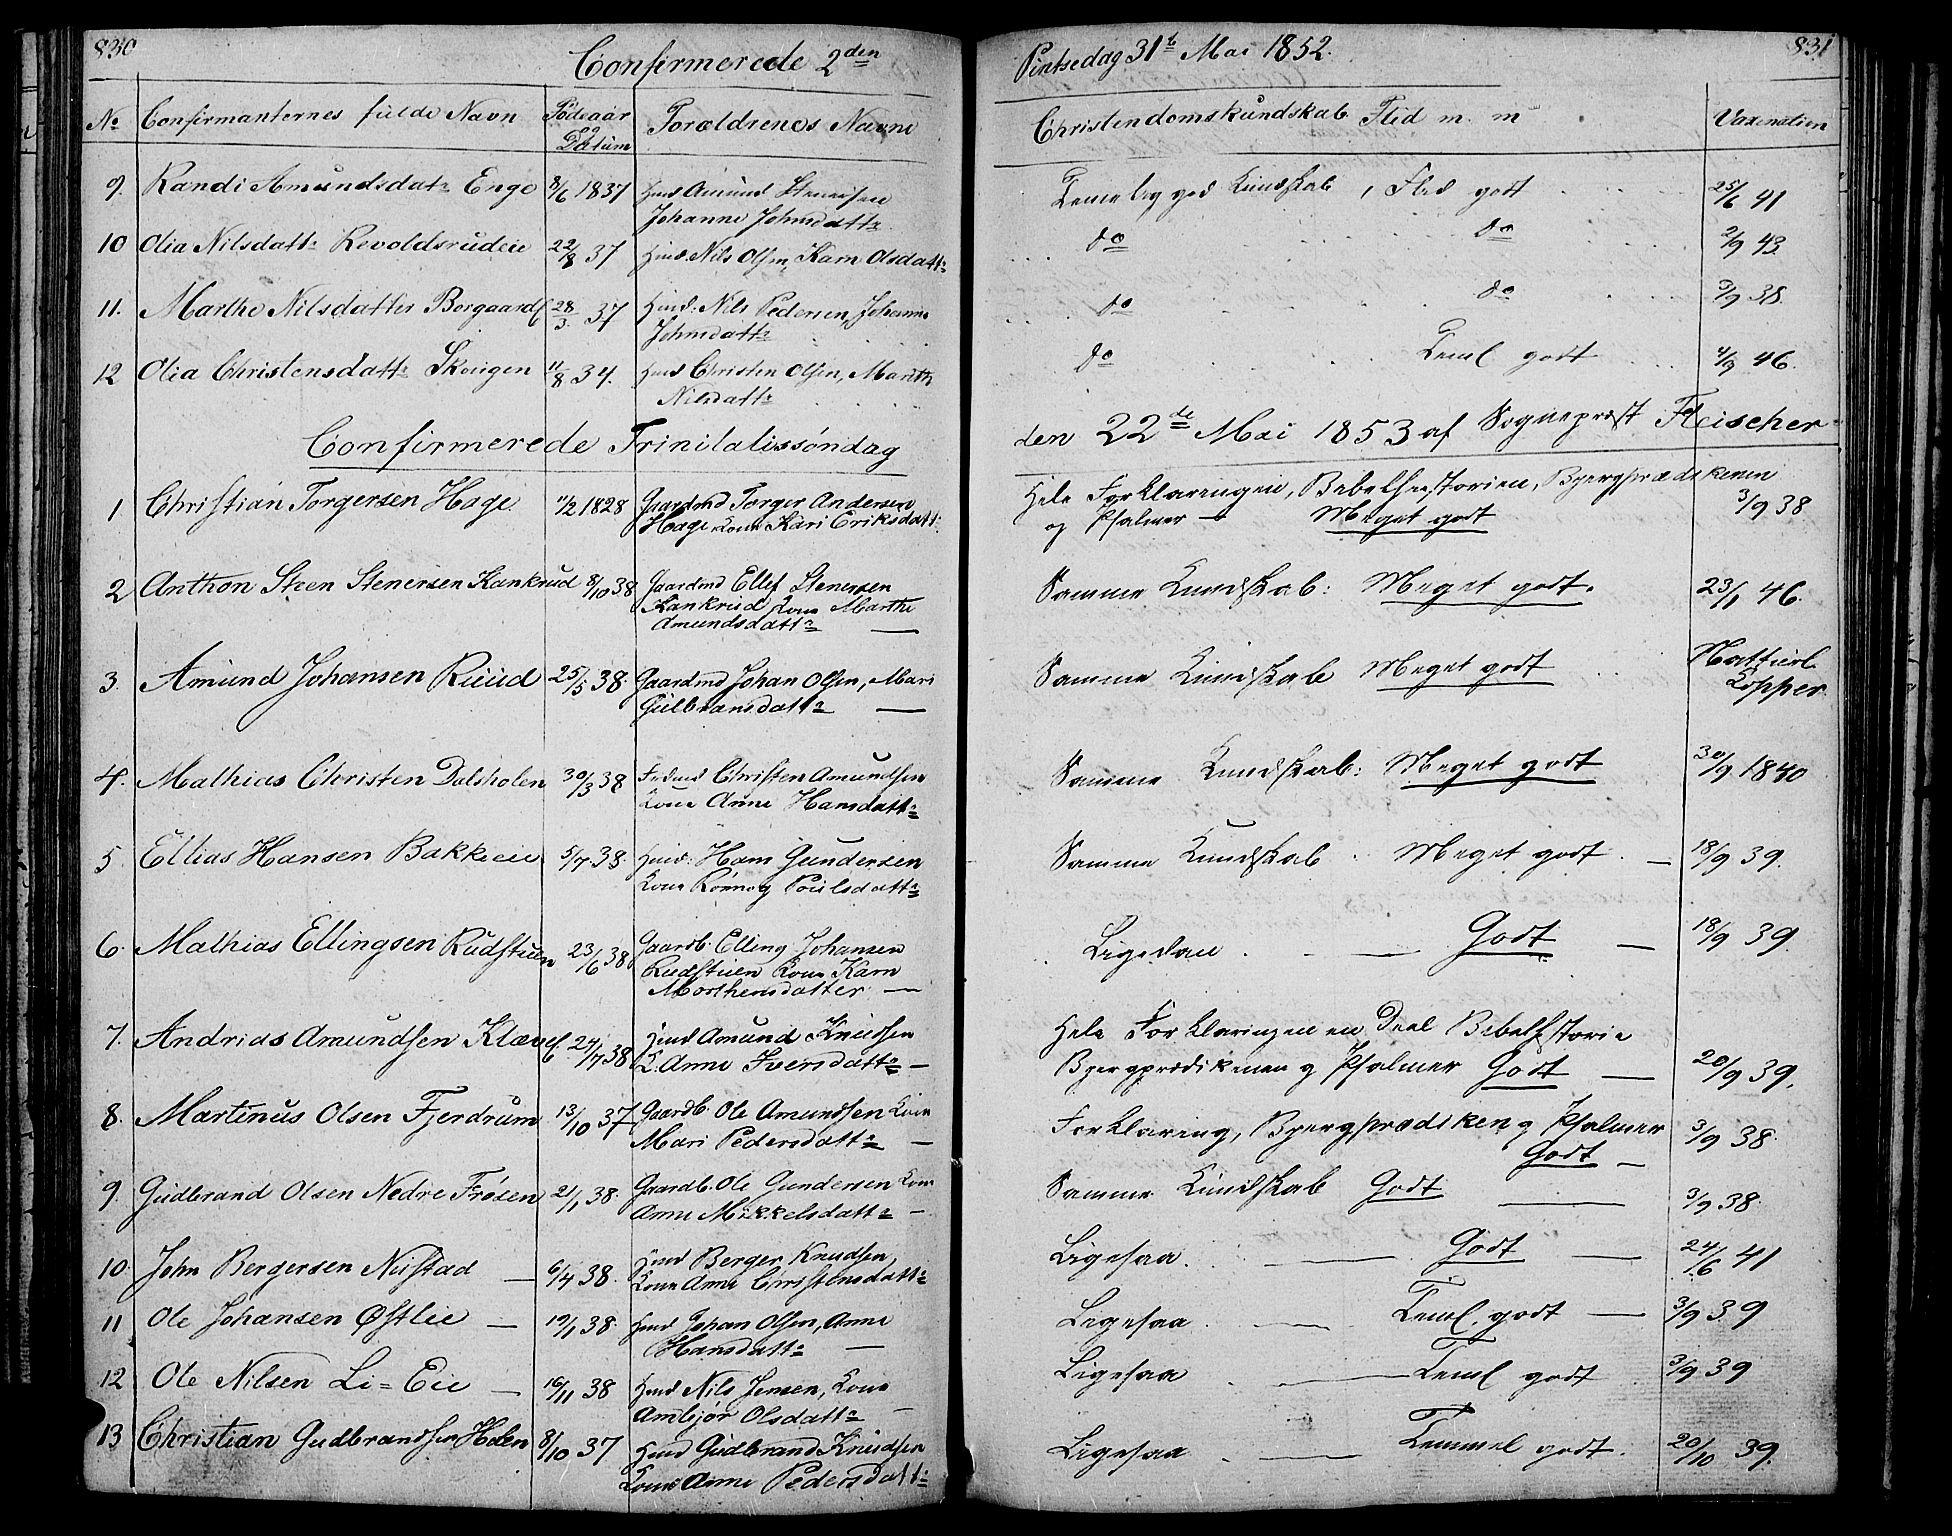 SAH, Gausdal prestekontor, Klokkerbok nr. 4, 1835-1870, s. 830-831